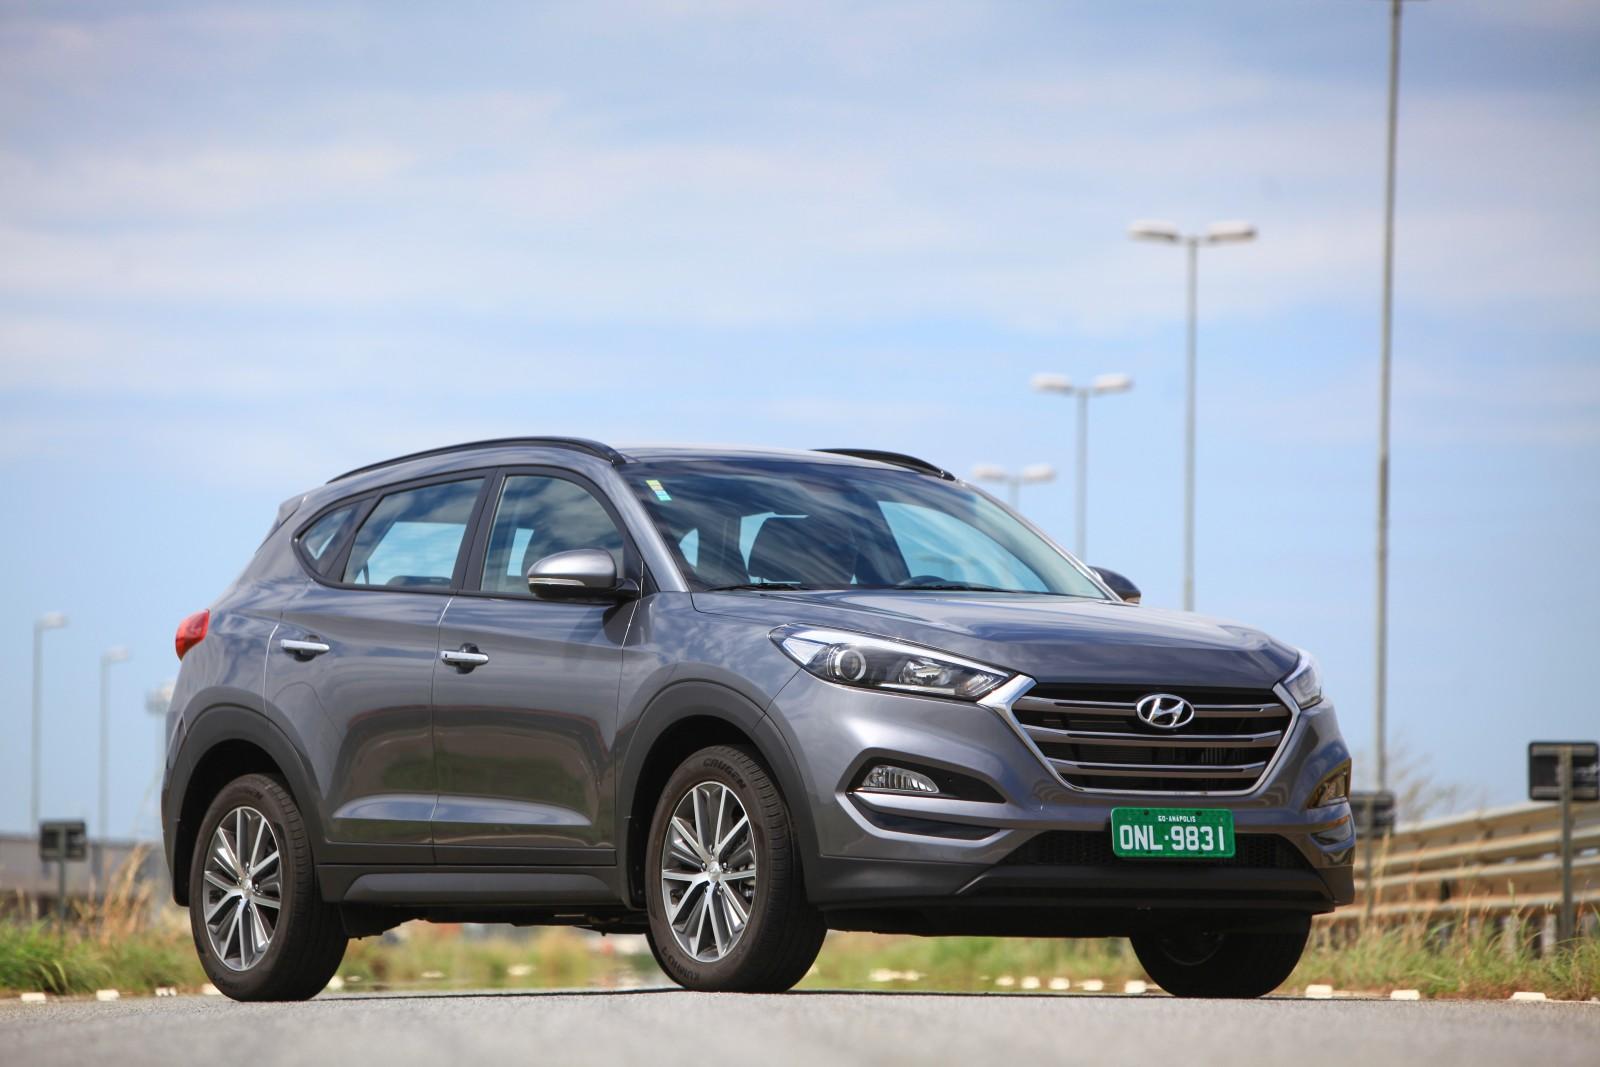 Avalia O Hyundai New Tucson Aposta No Andar De Cima